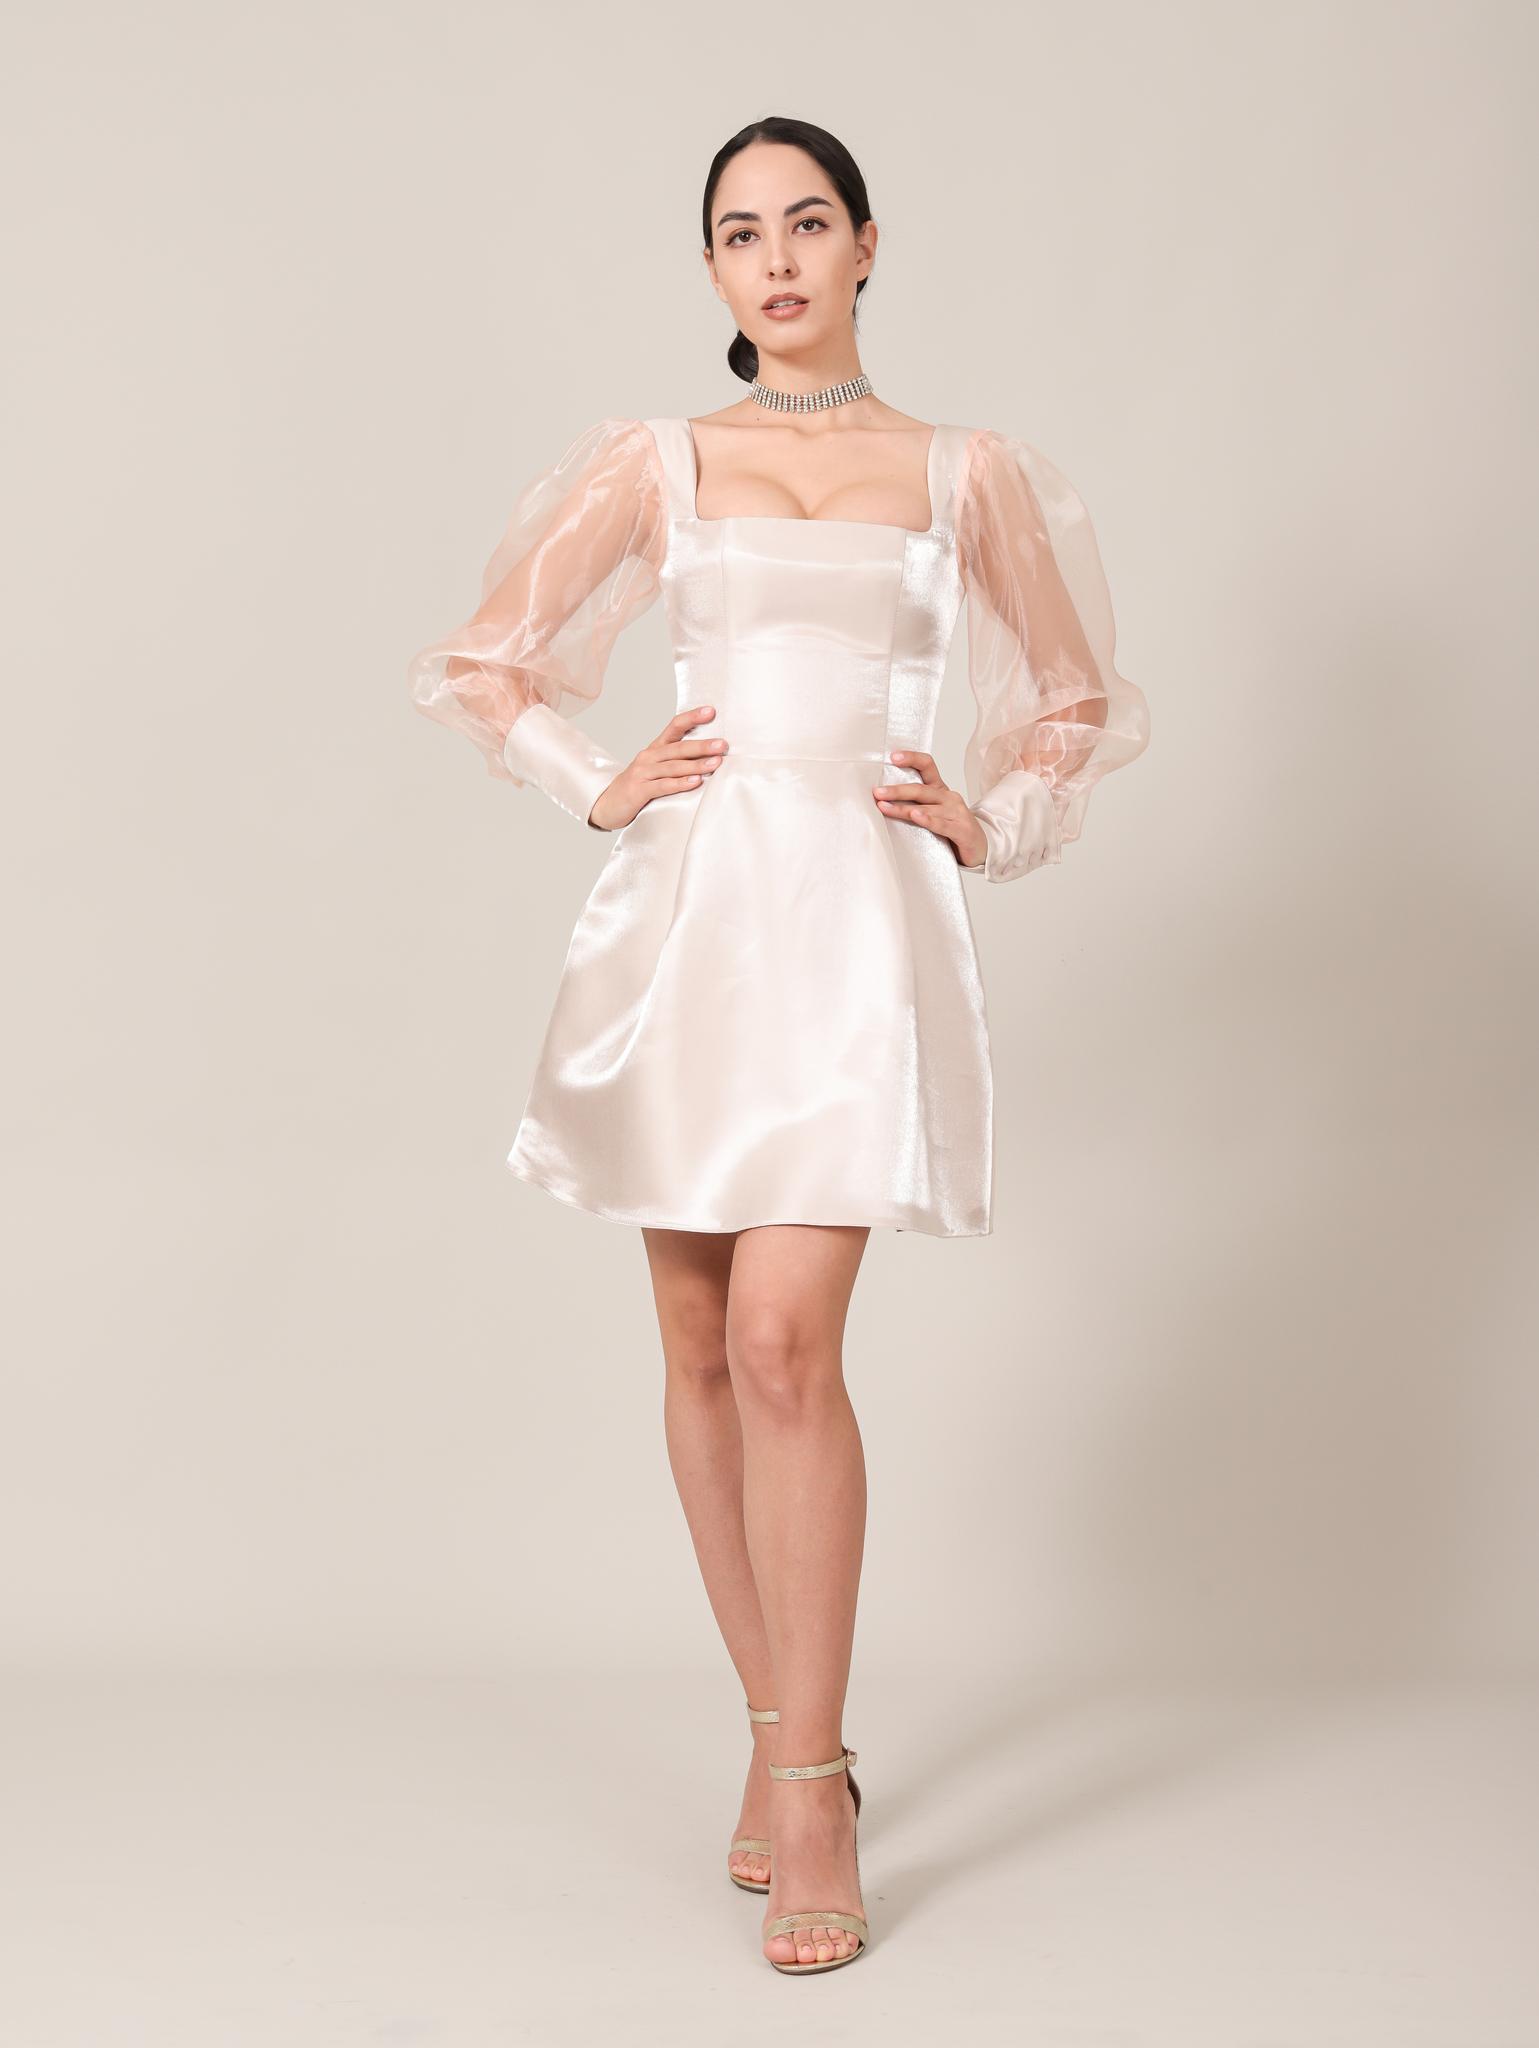 Свадебное платье / Вечернее платье из блестящей ткани с квадратным вырезом и длинными рукавами из фатина мини (бежевый)